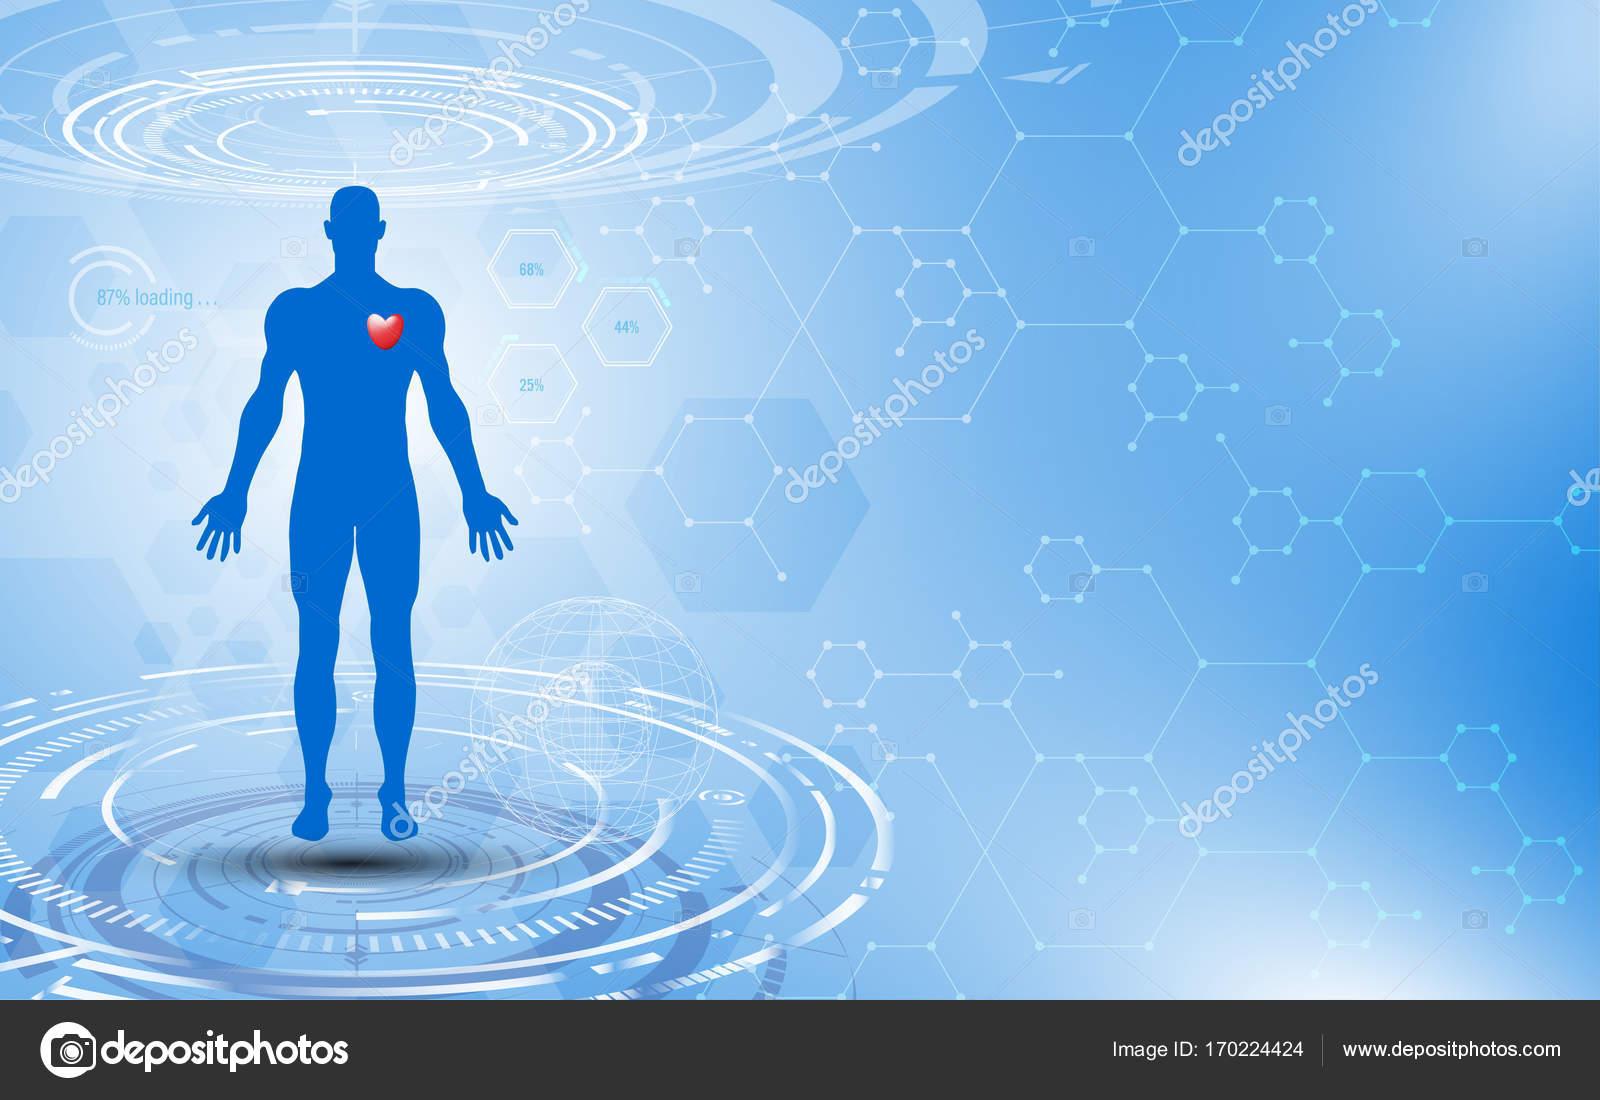 Fondo de concepto de tecnología de salud innovación científica ...